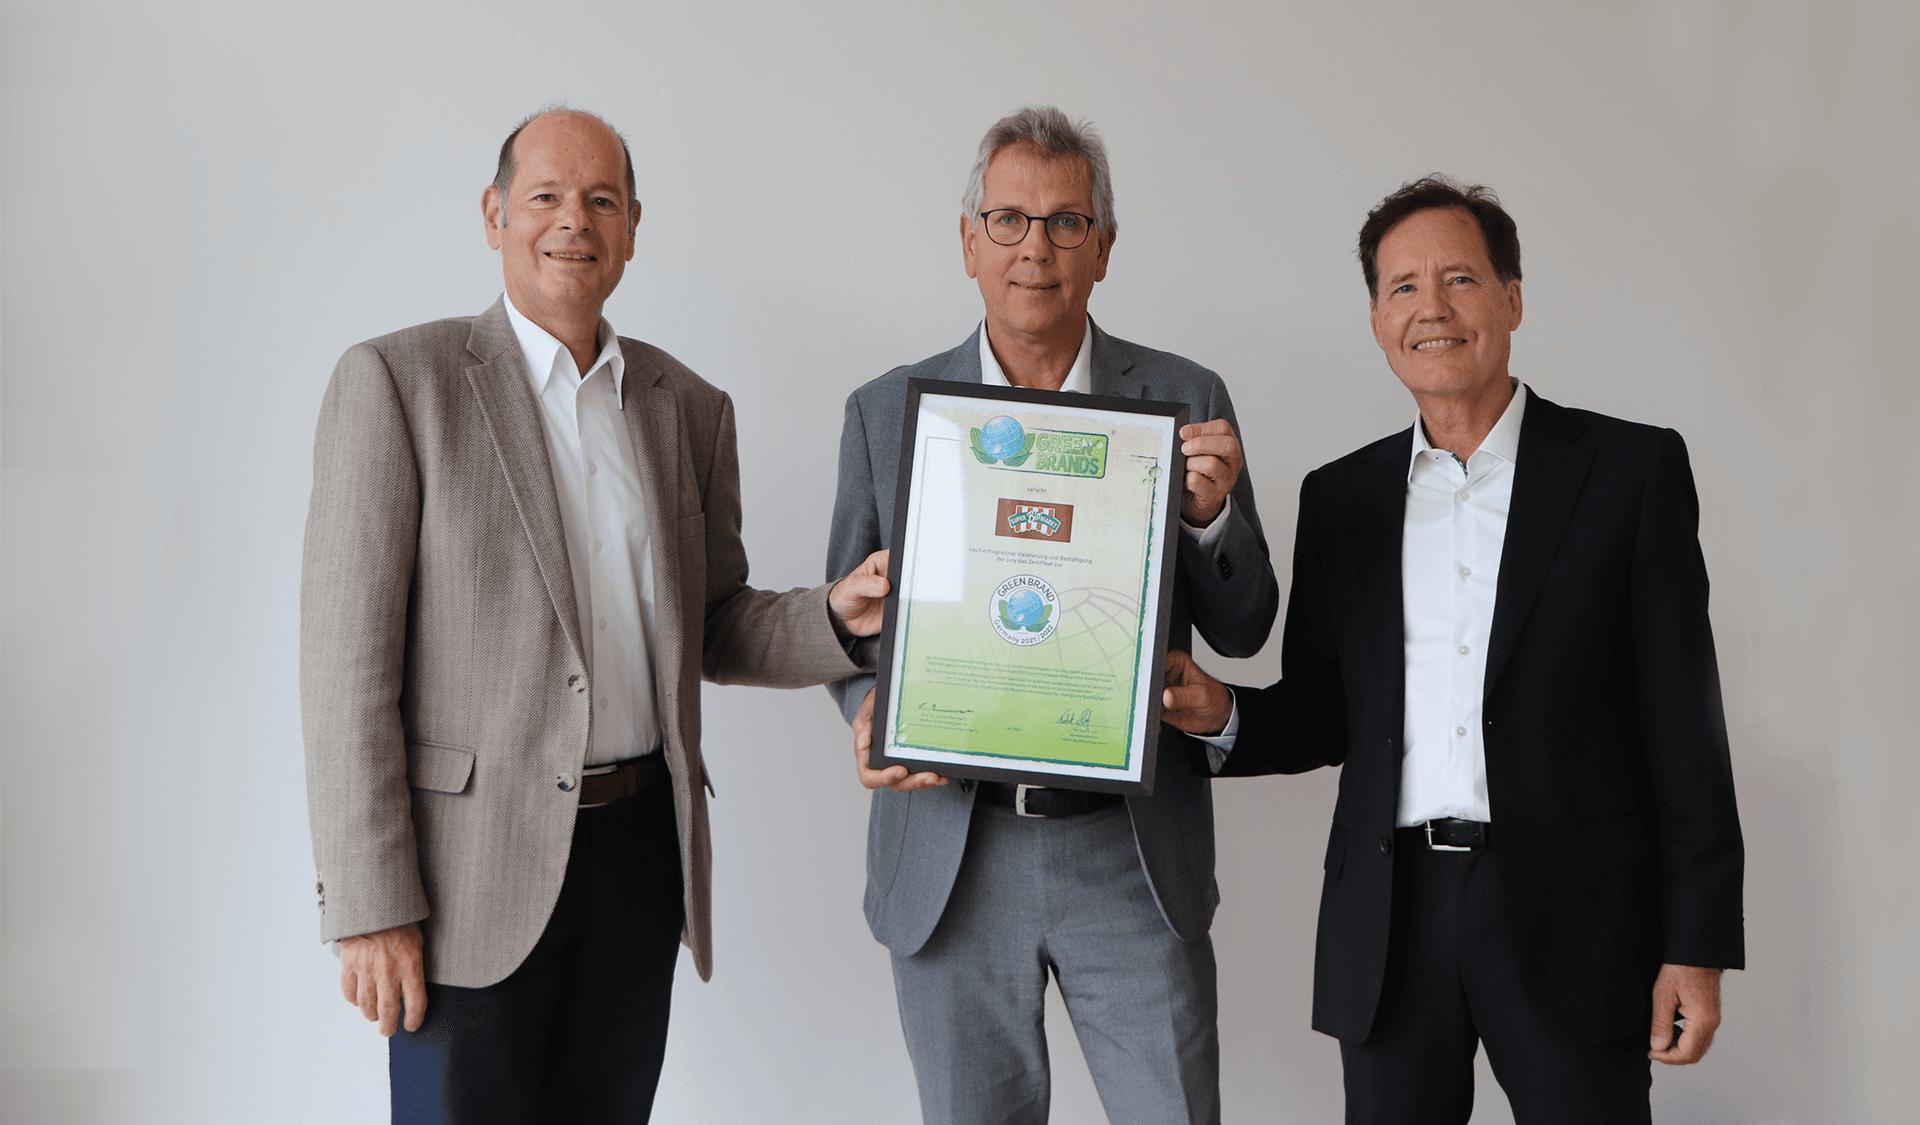 Norbert R. Lux, Geschäftsführer Superbiomarkt AG, Michael Radau, Gründer und Vorstandsvorsitzender Superbiomarkt AG, Prof. Dr. Lange, Jurymitglied Green Brands